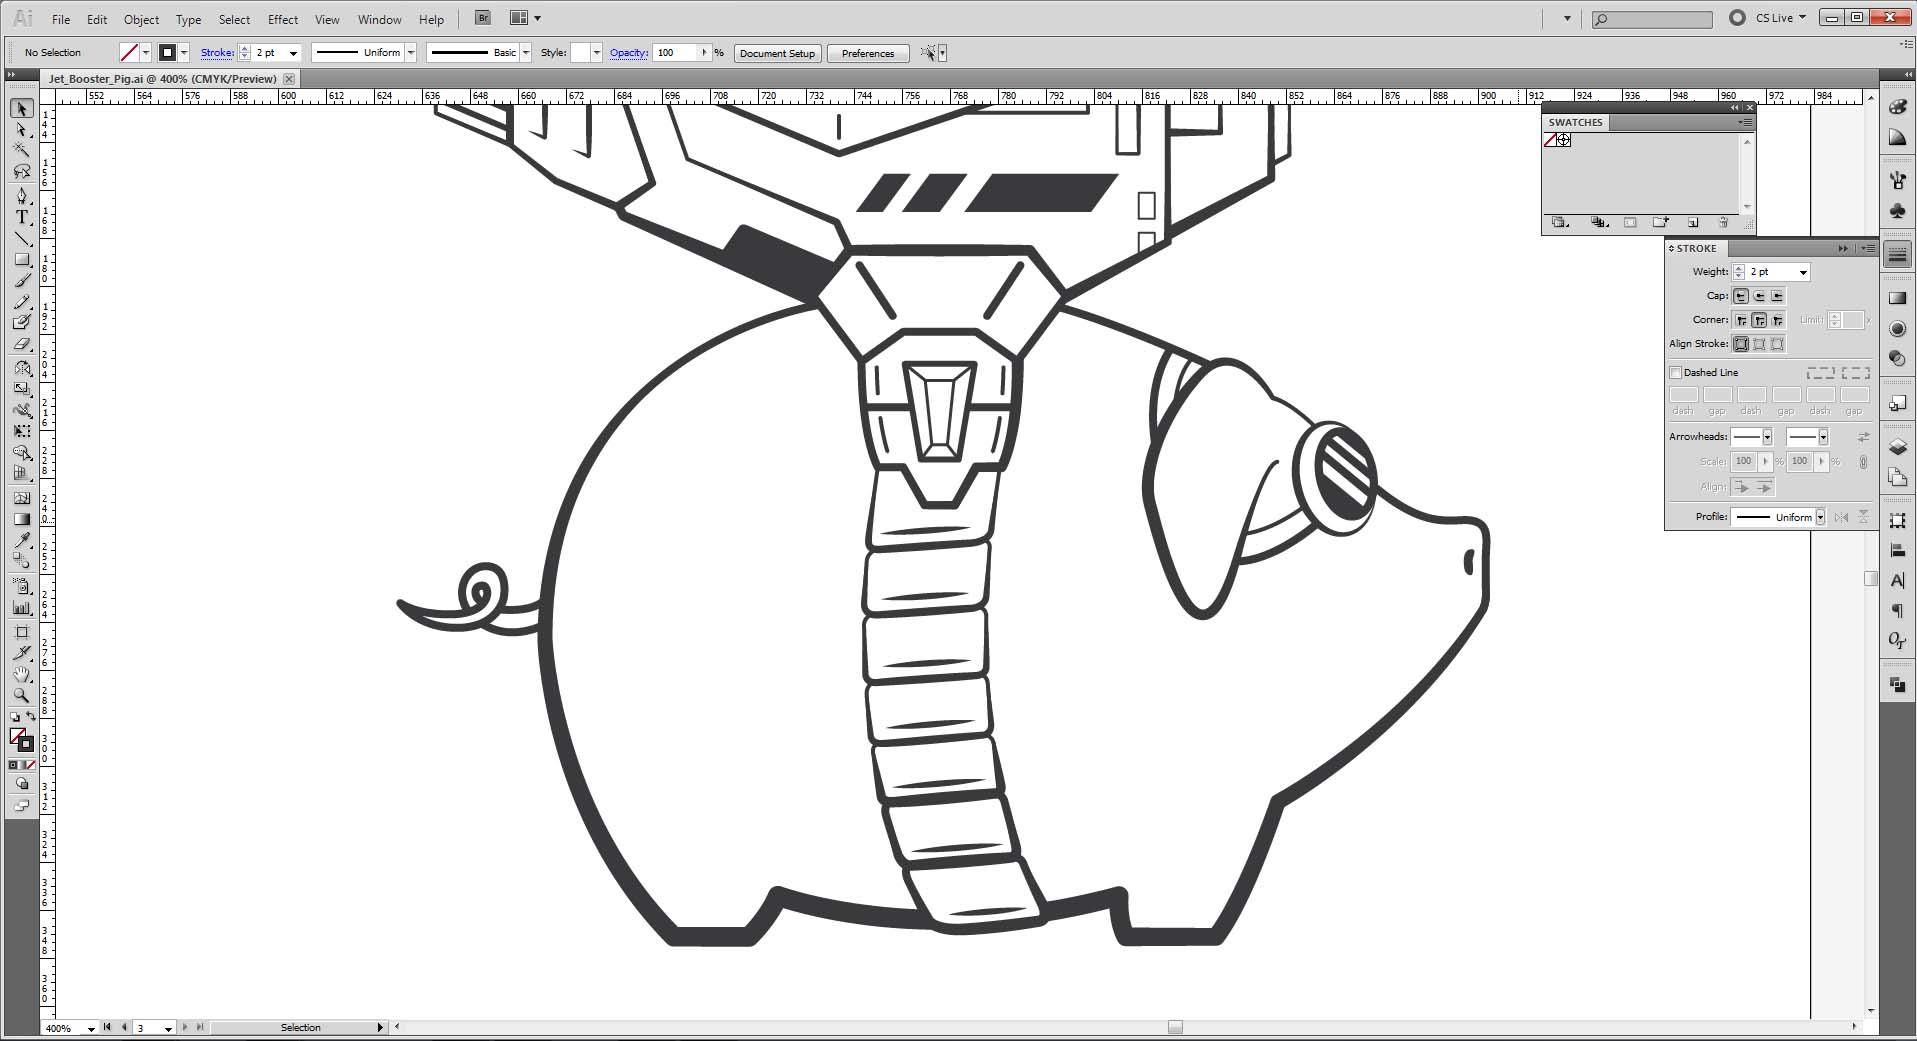 Jet_Booster_Pig_Detail